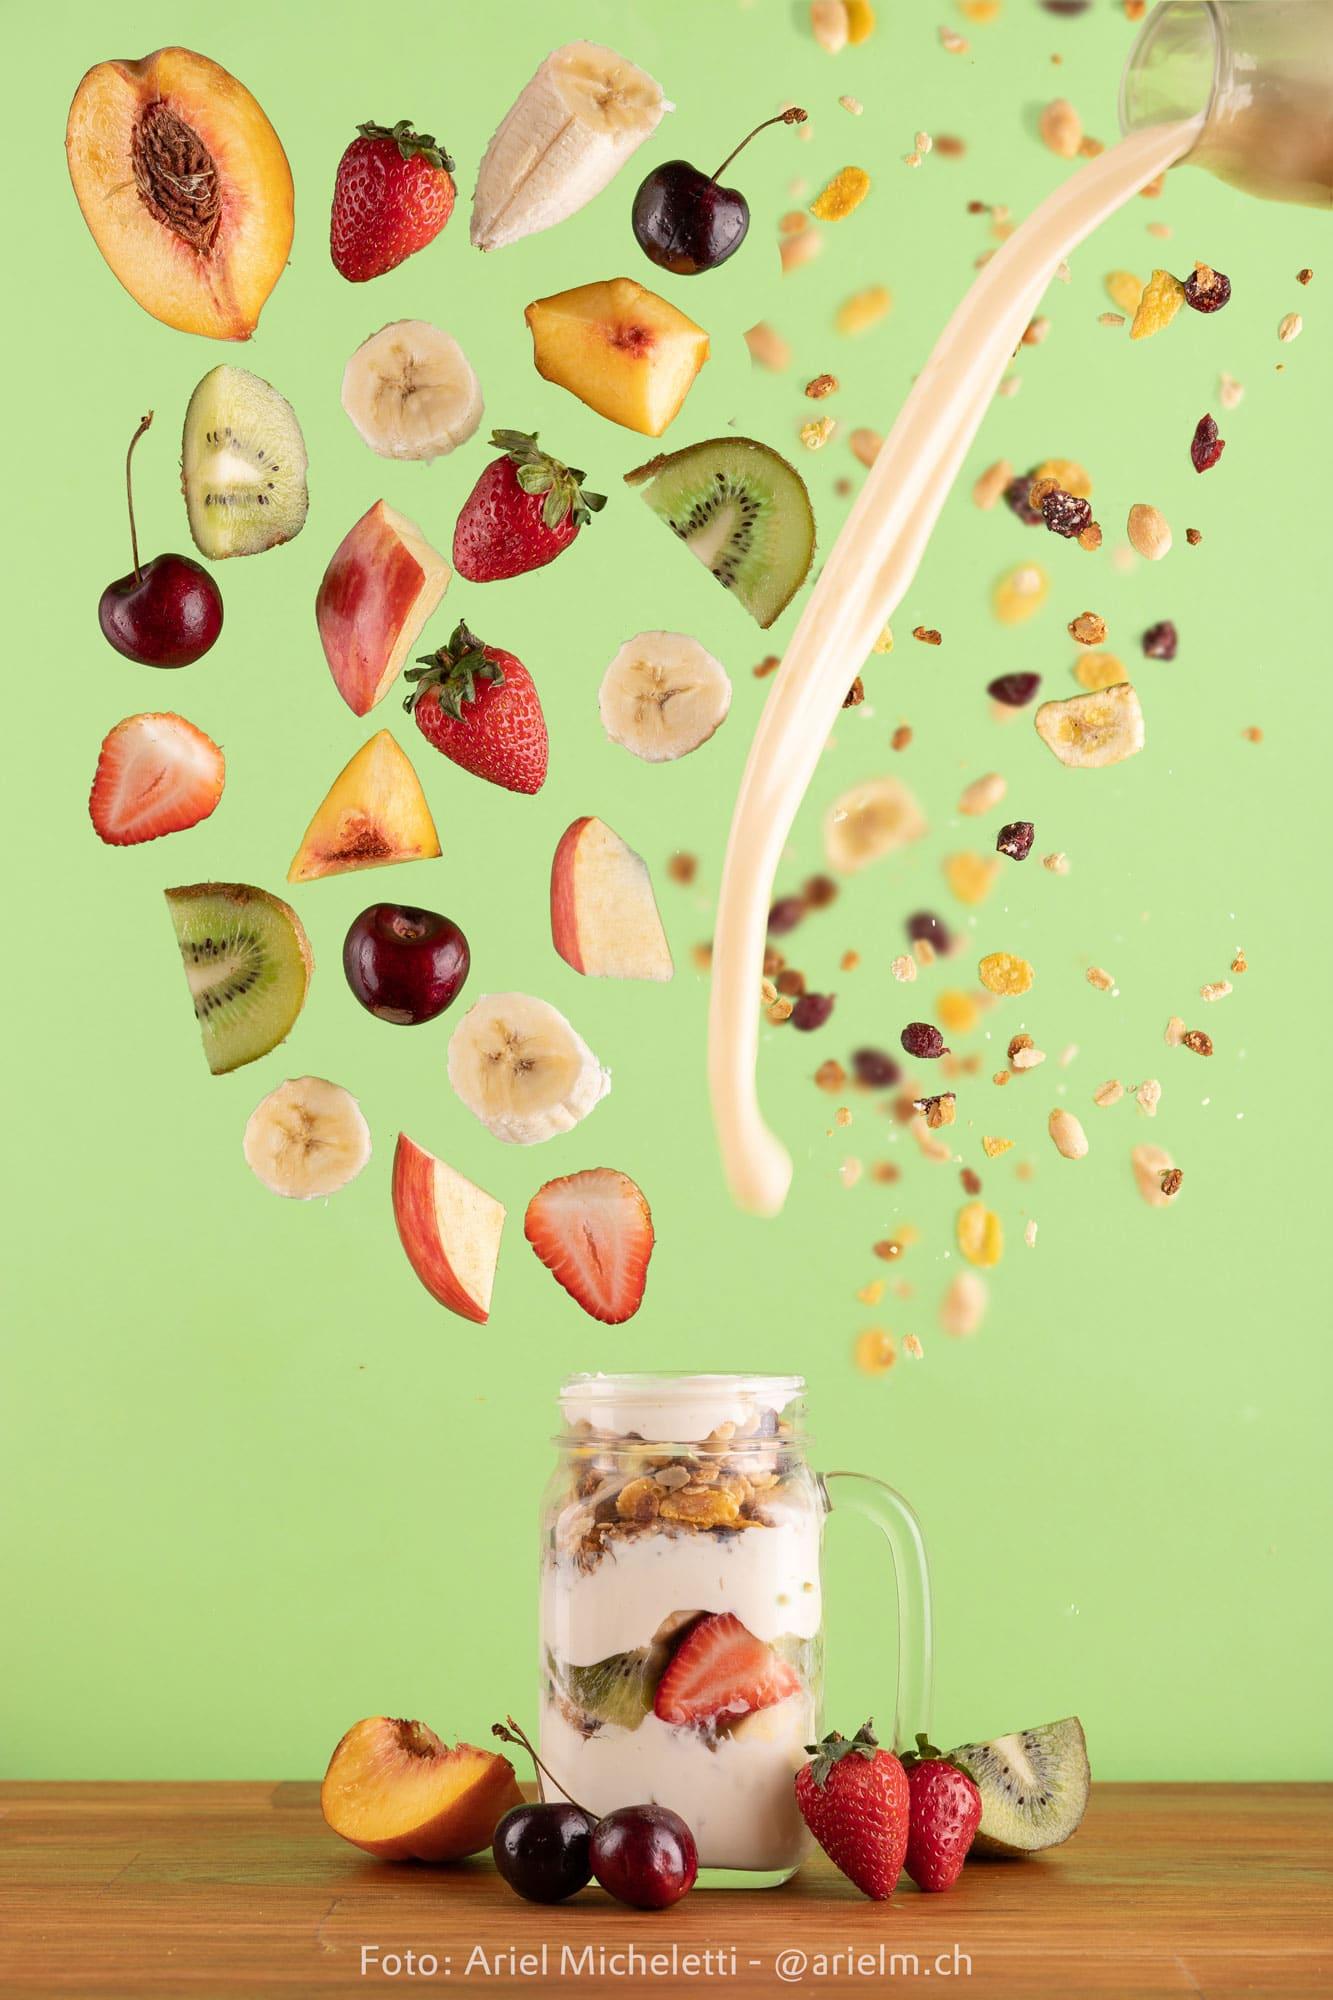 Fotografía publicitaria - Desayuno natural